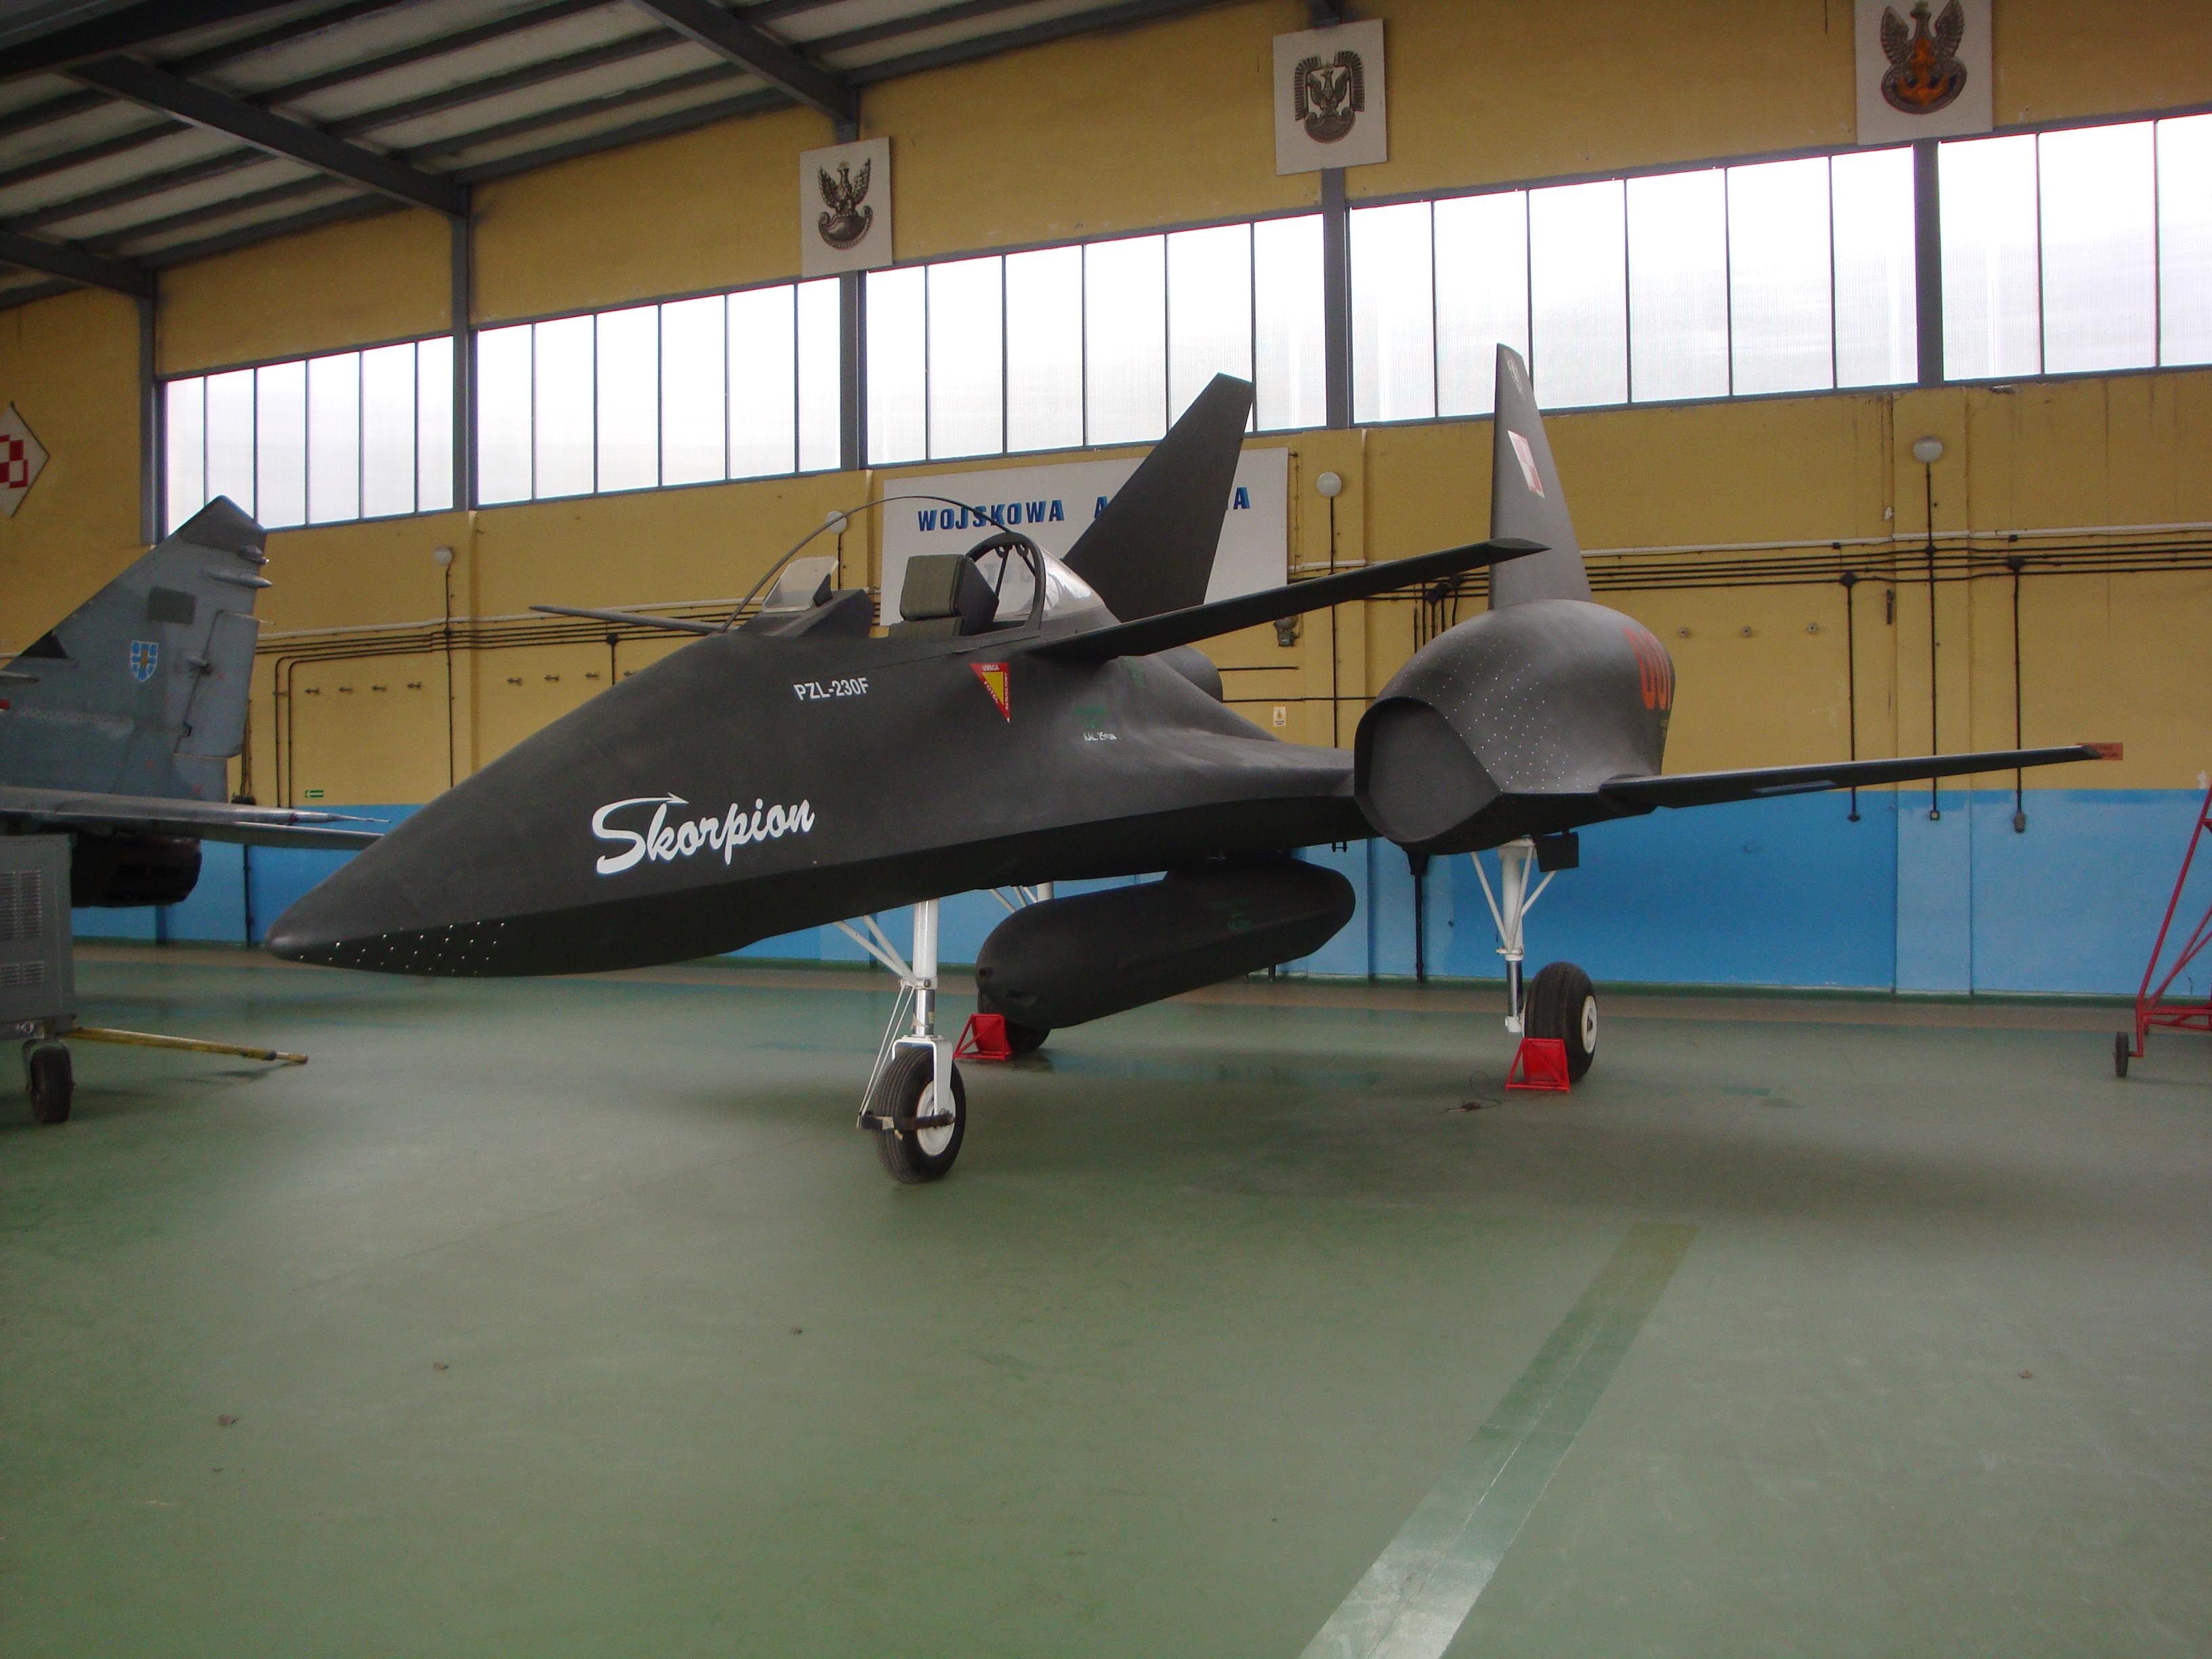 الوداع المؤجل - A-10 Thunderbolt II - صفحة 2 PZL-230F_Skorpion_WAT